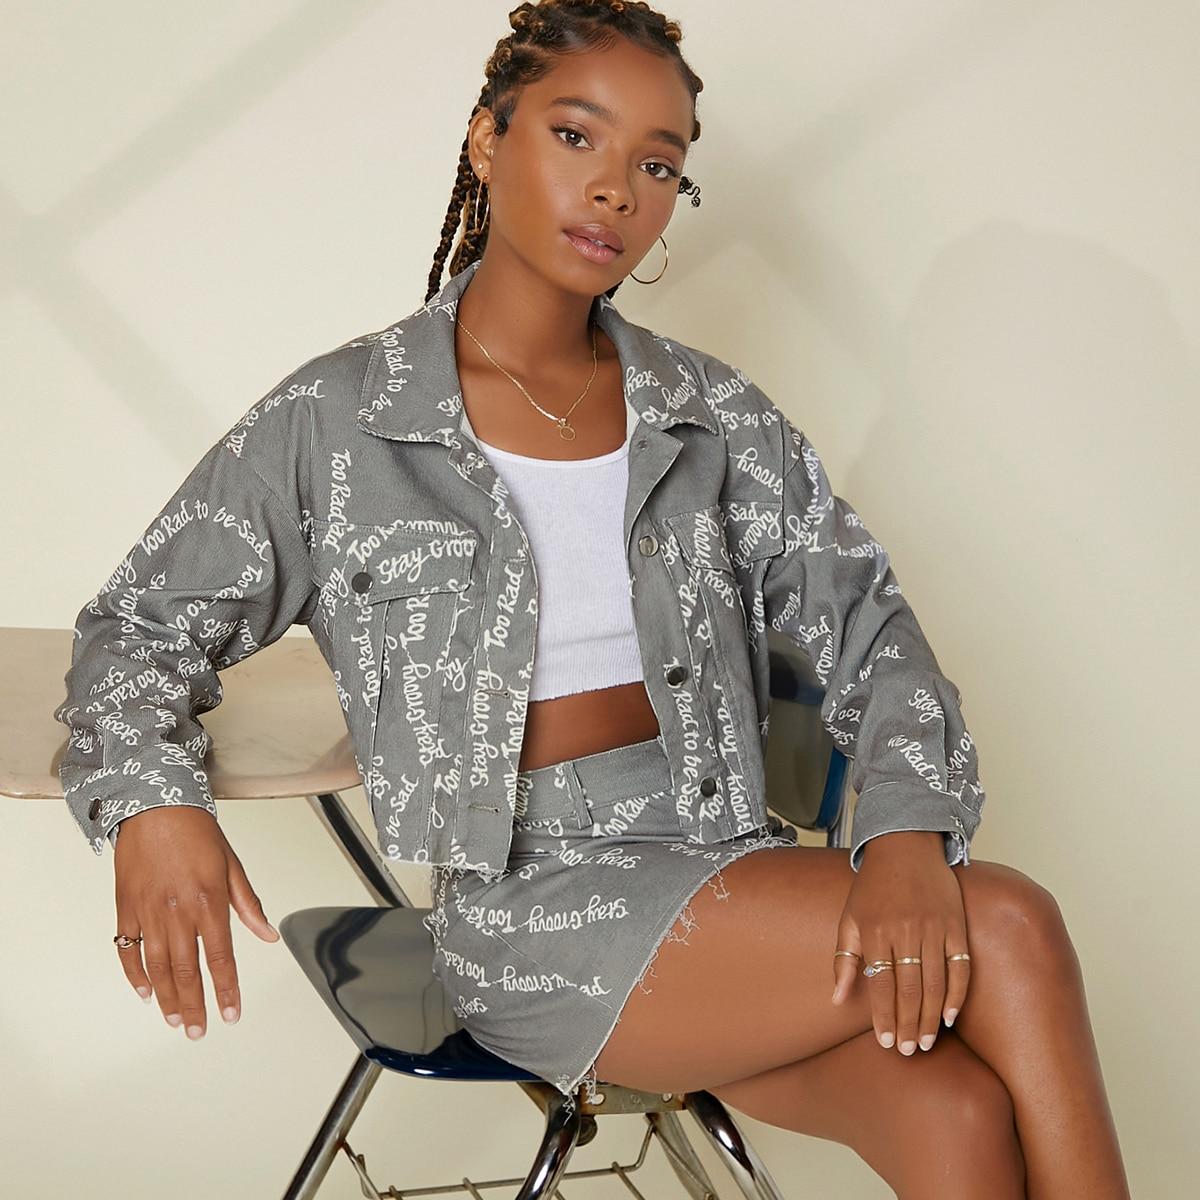 Куртка с текстовым принтом и юбка без камзола SheIn swtwop07210617086